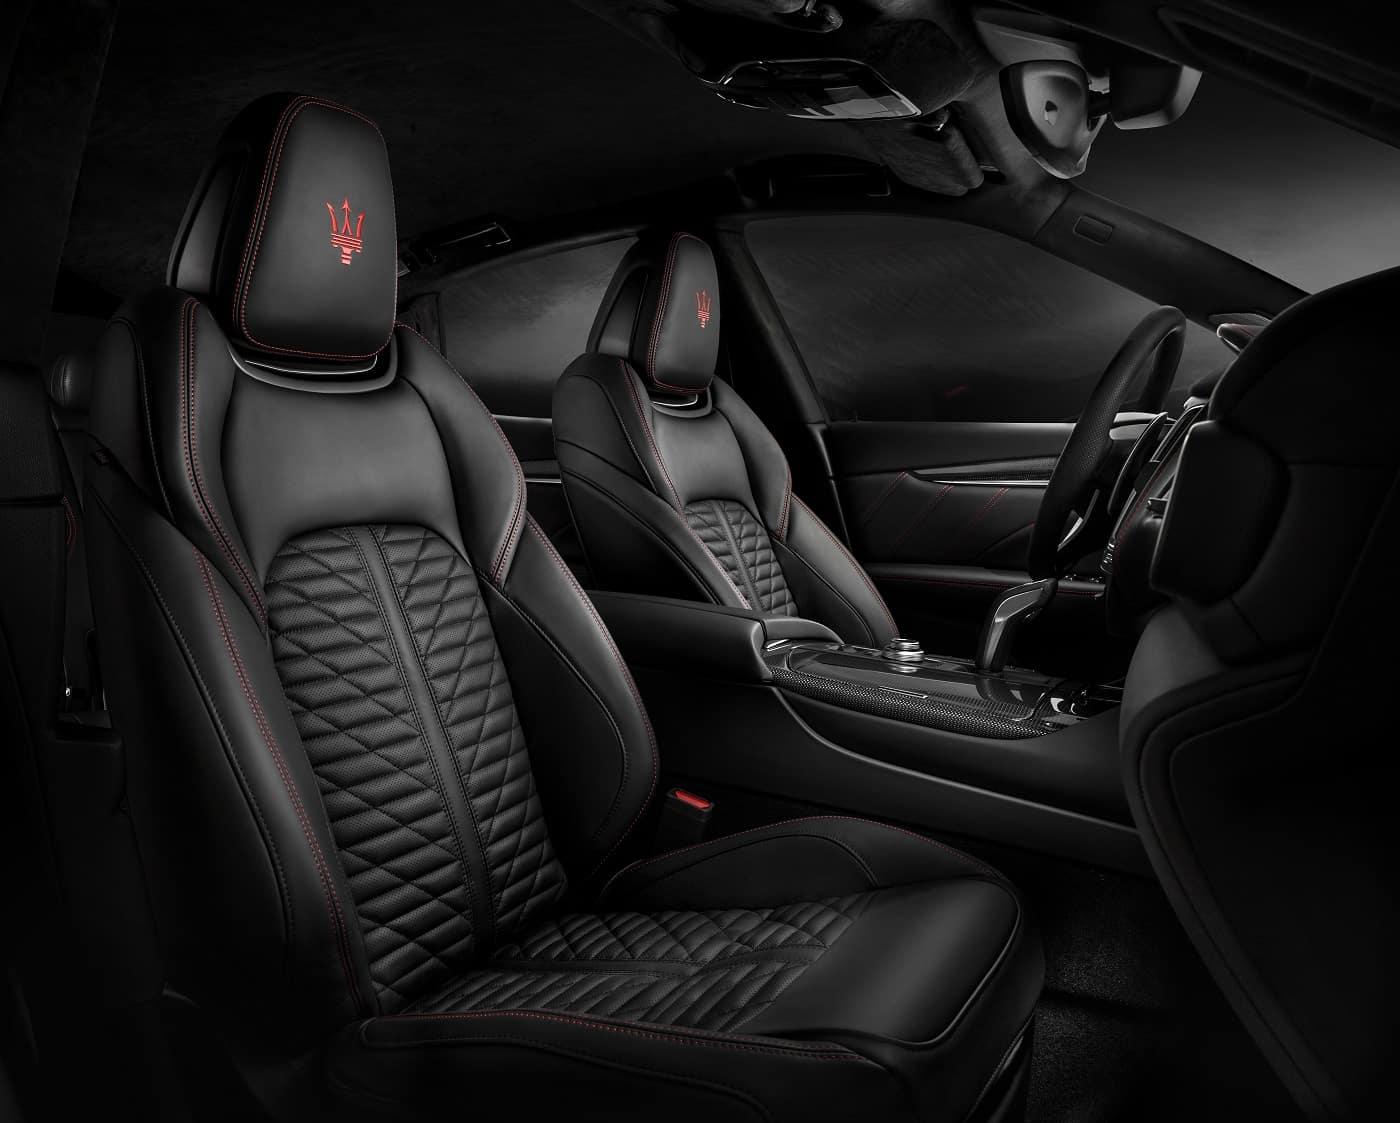 Maserati Levante Interior Leather Seats